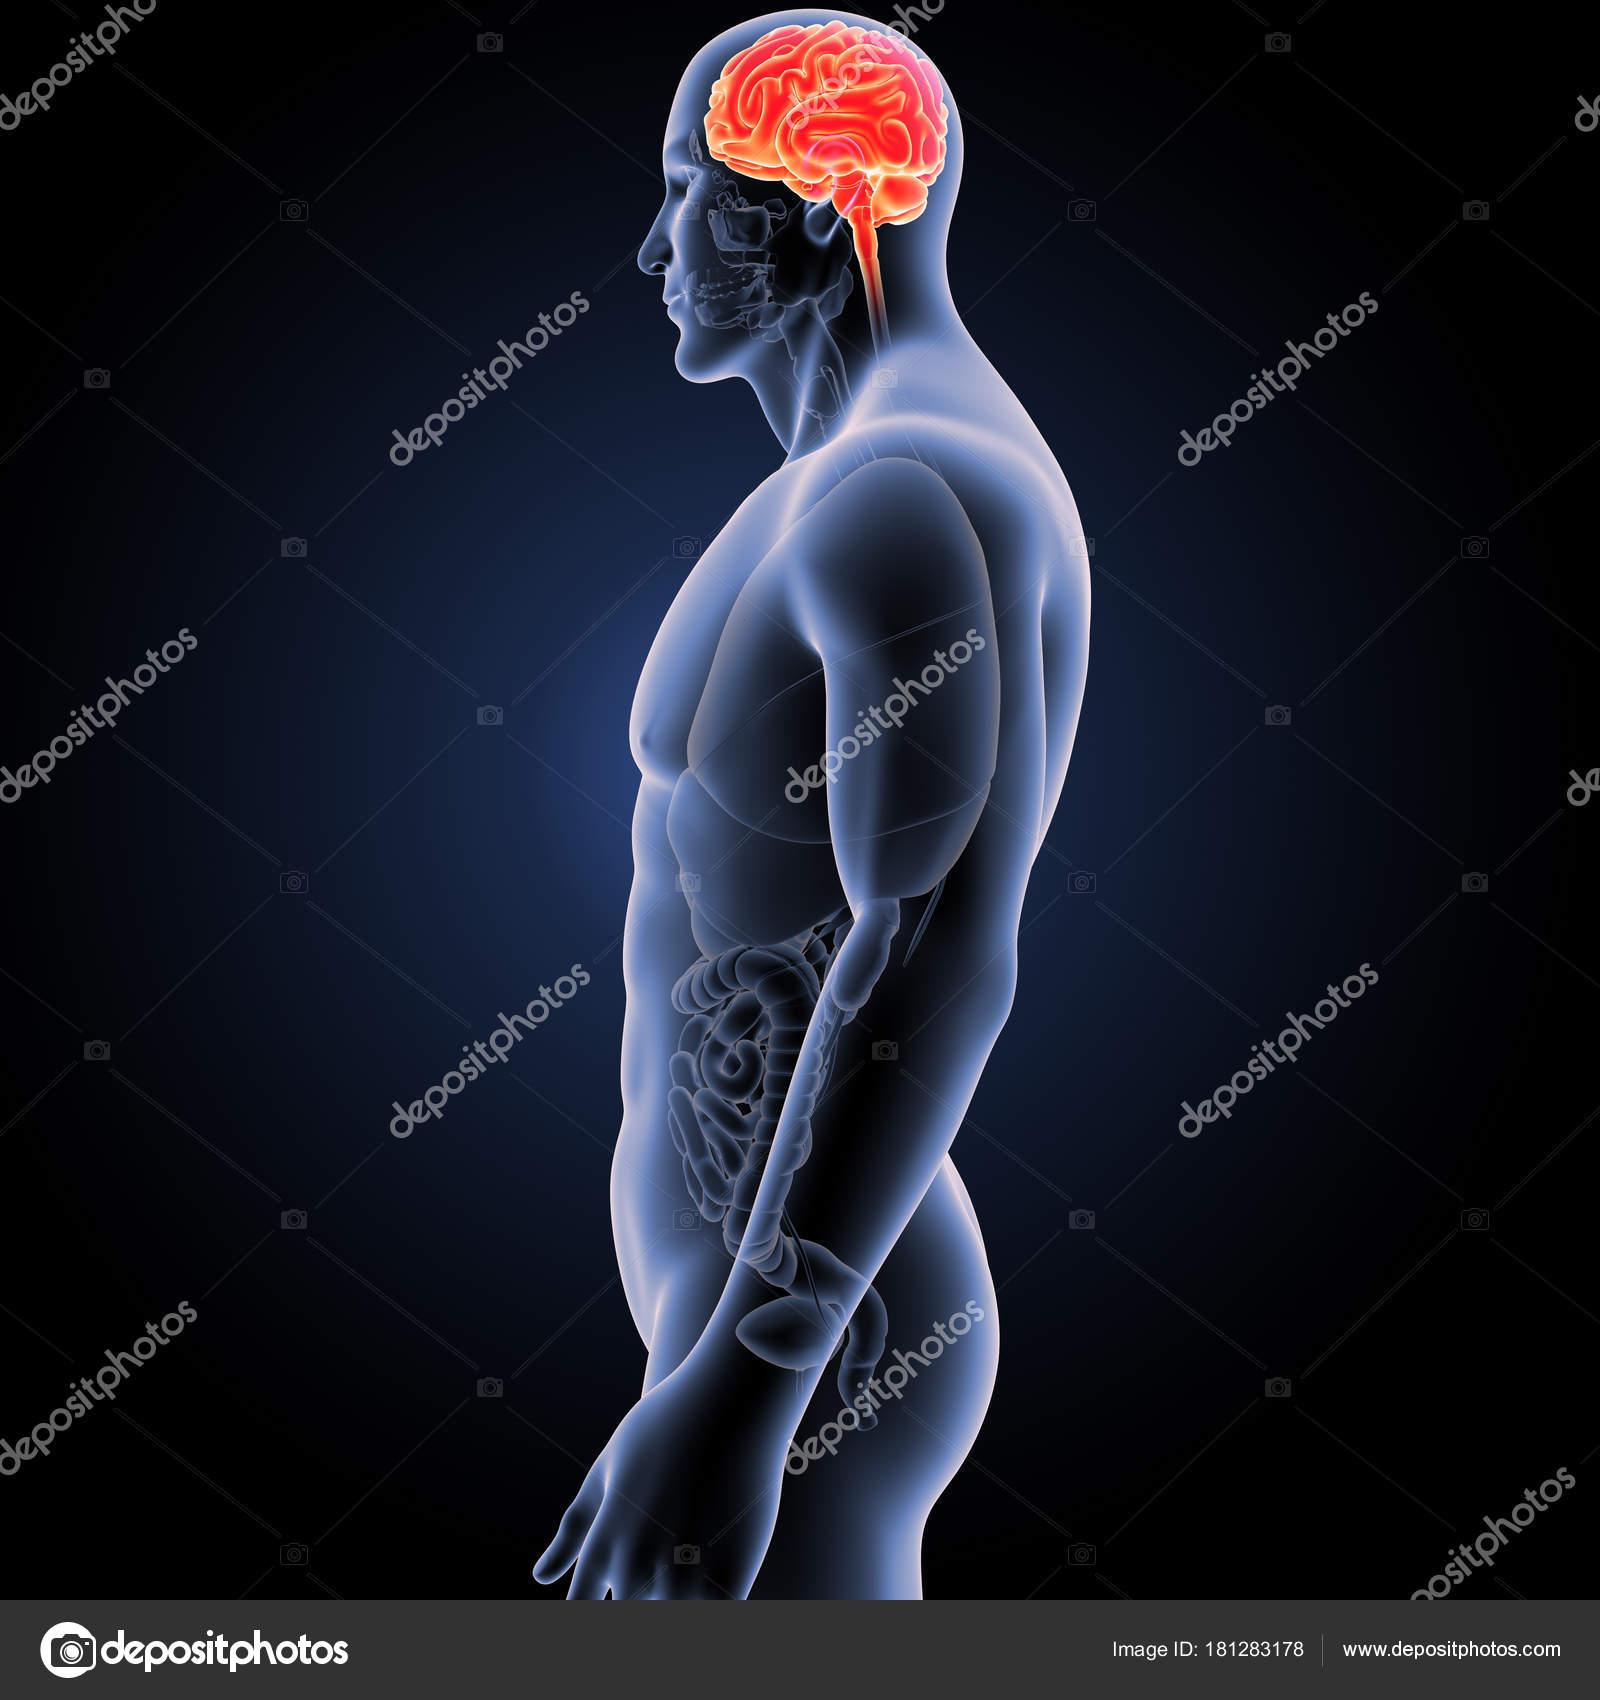 Cerebro con vista anterior del cuerpo — Foto de stock © sciencepics ...